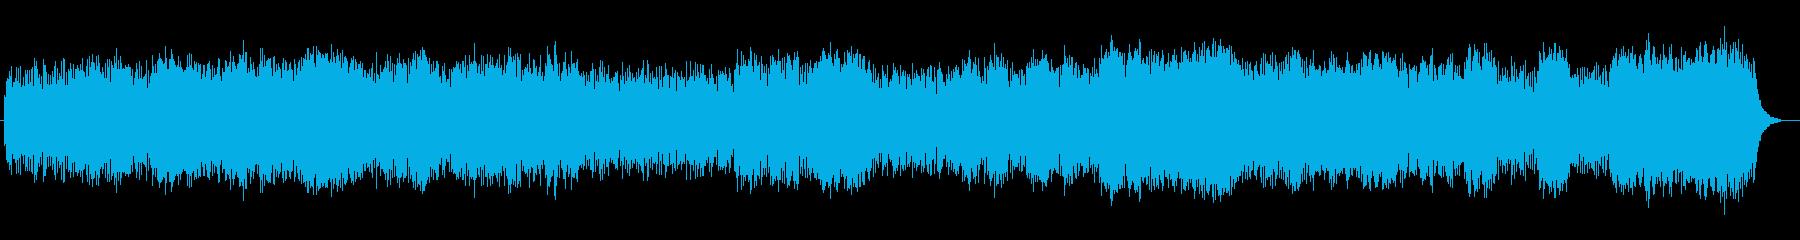 悠久の時の流れを感じさせる神秘的な曲の再生済みの波形